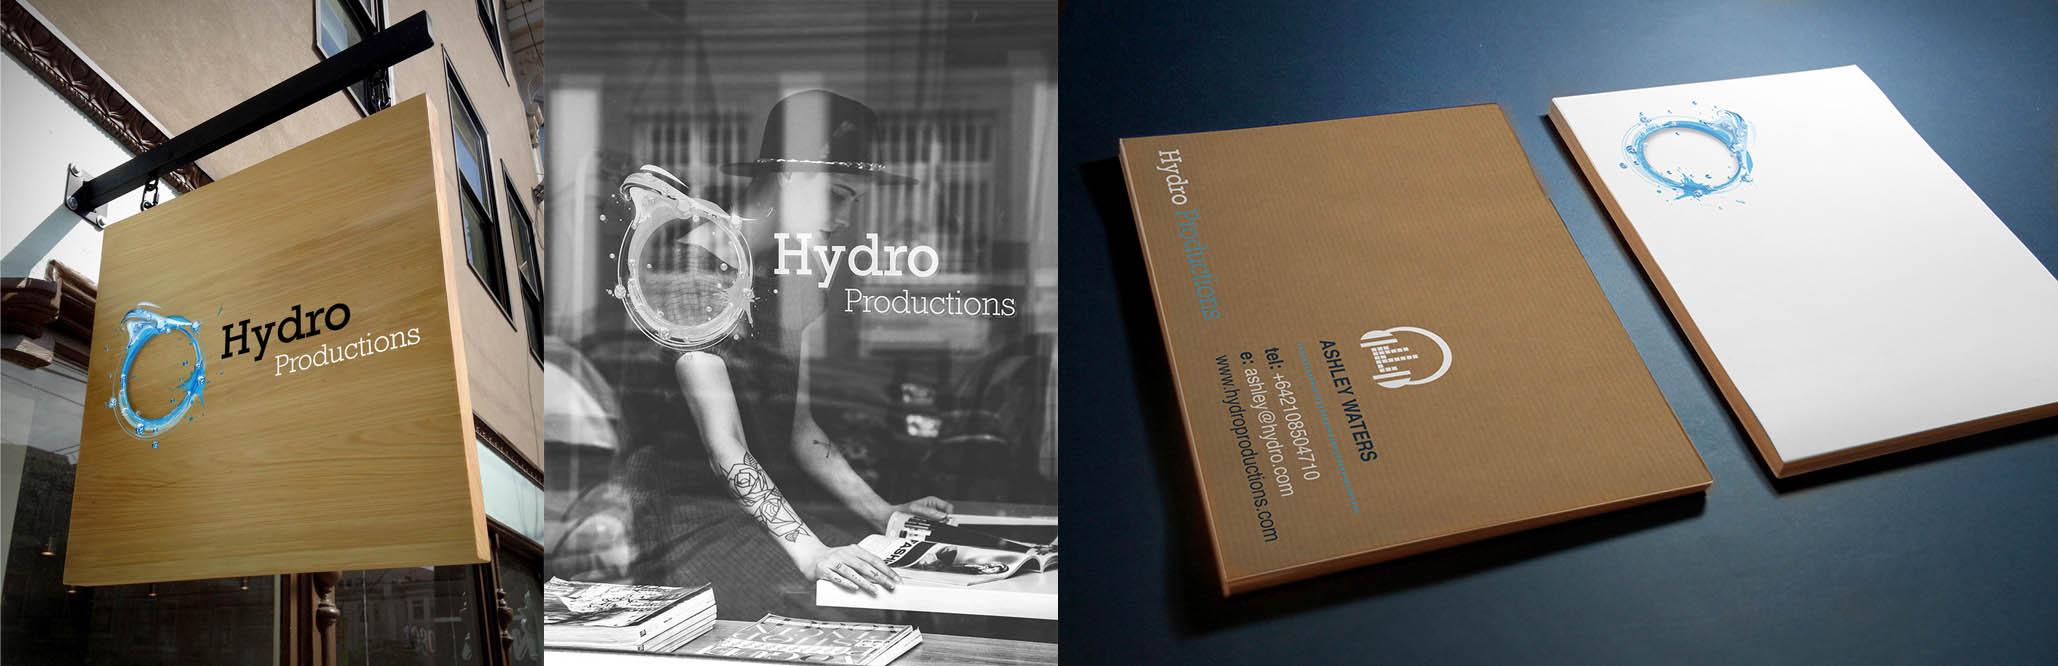 Hydro Recordings Graphic Design